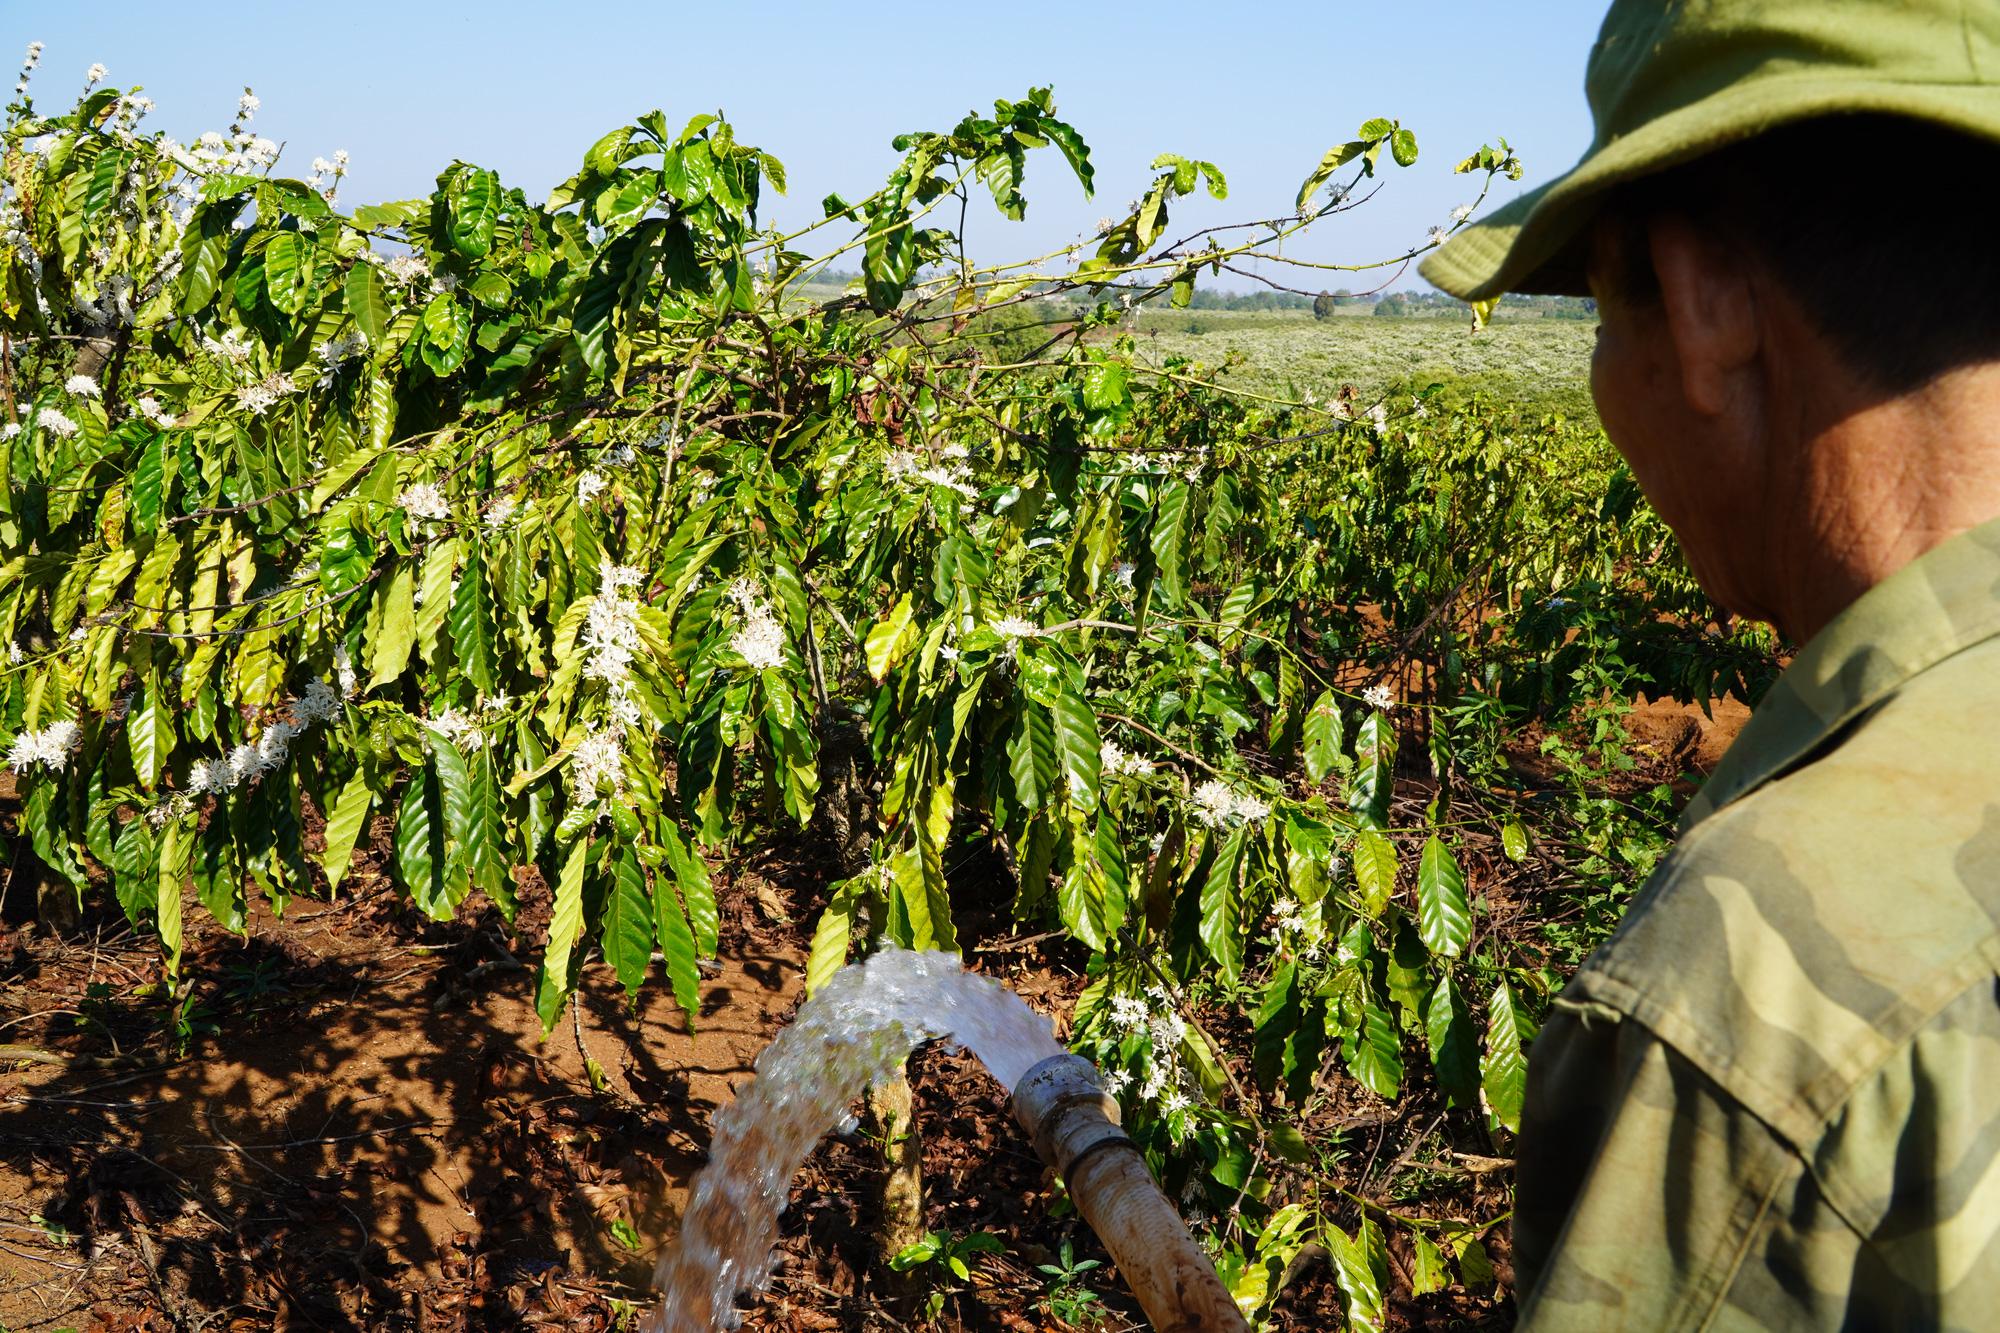 Nông dân Gia Lai hối hả đưa máy móc tưới cho cà phê sai quả - Ảnh 1.